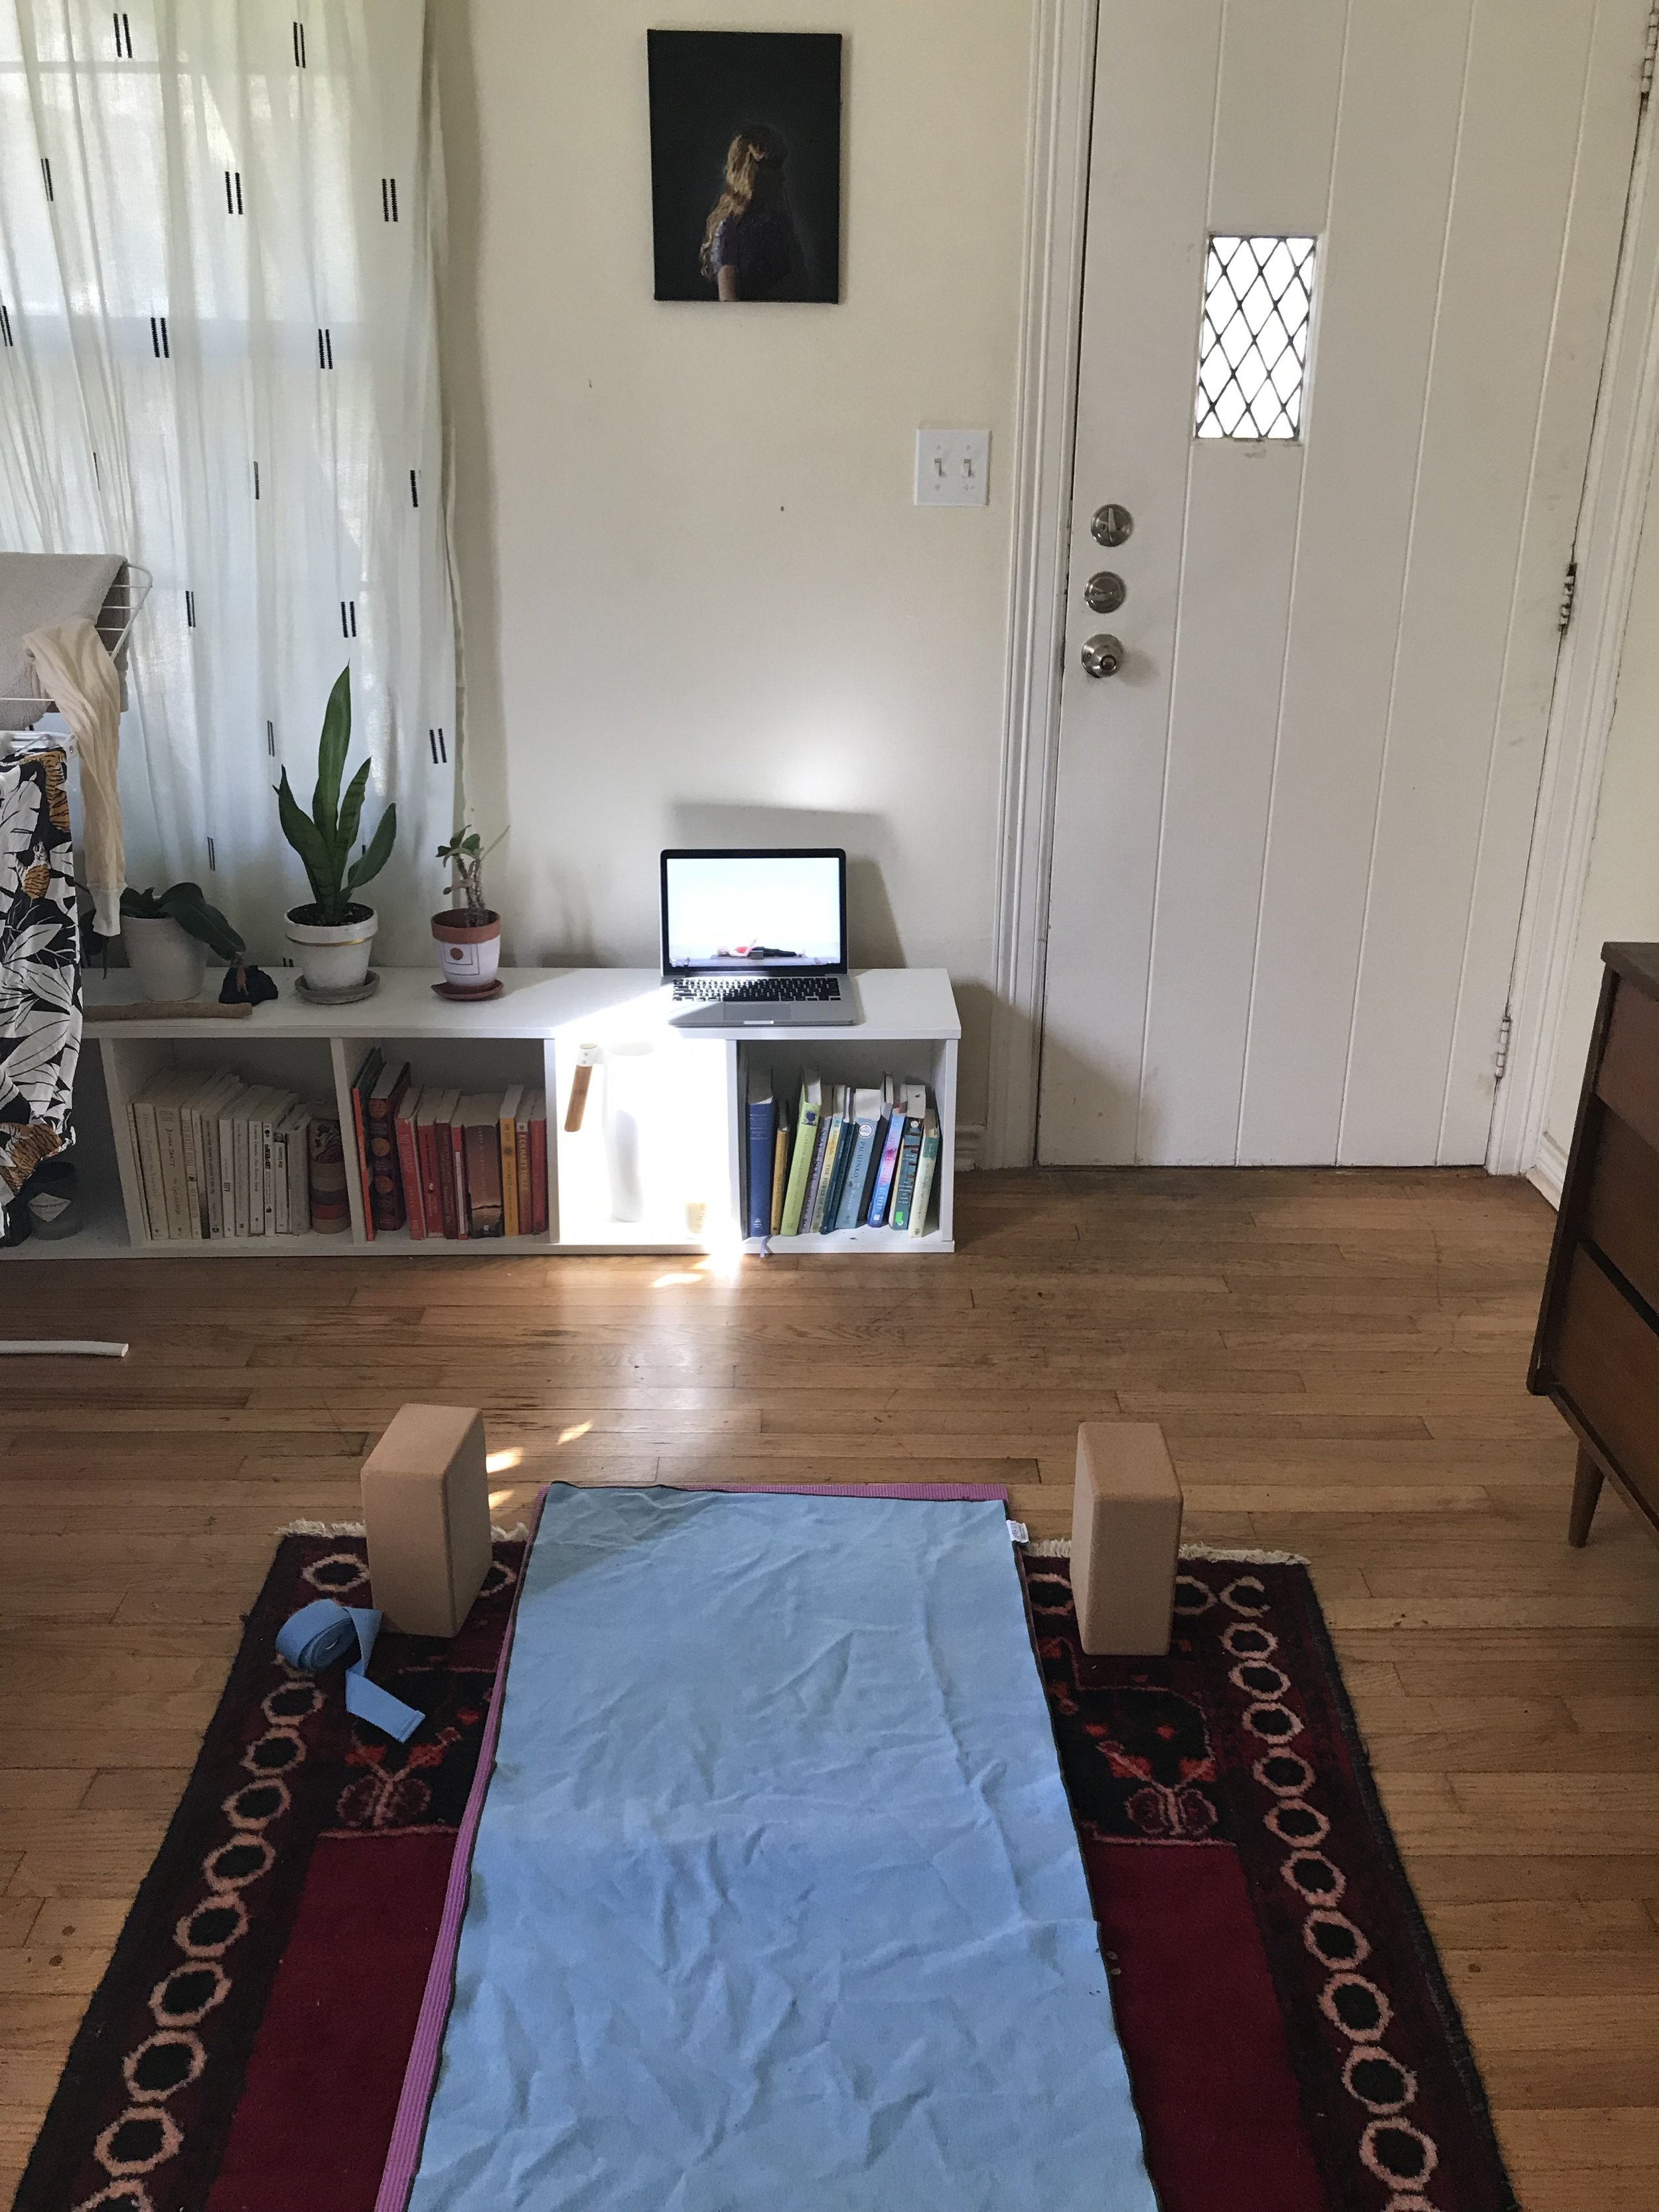 My home yoga setup!